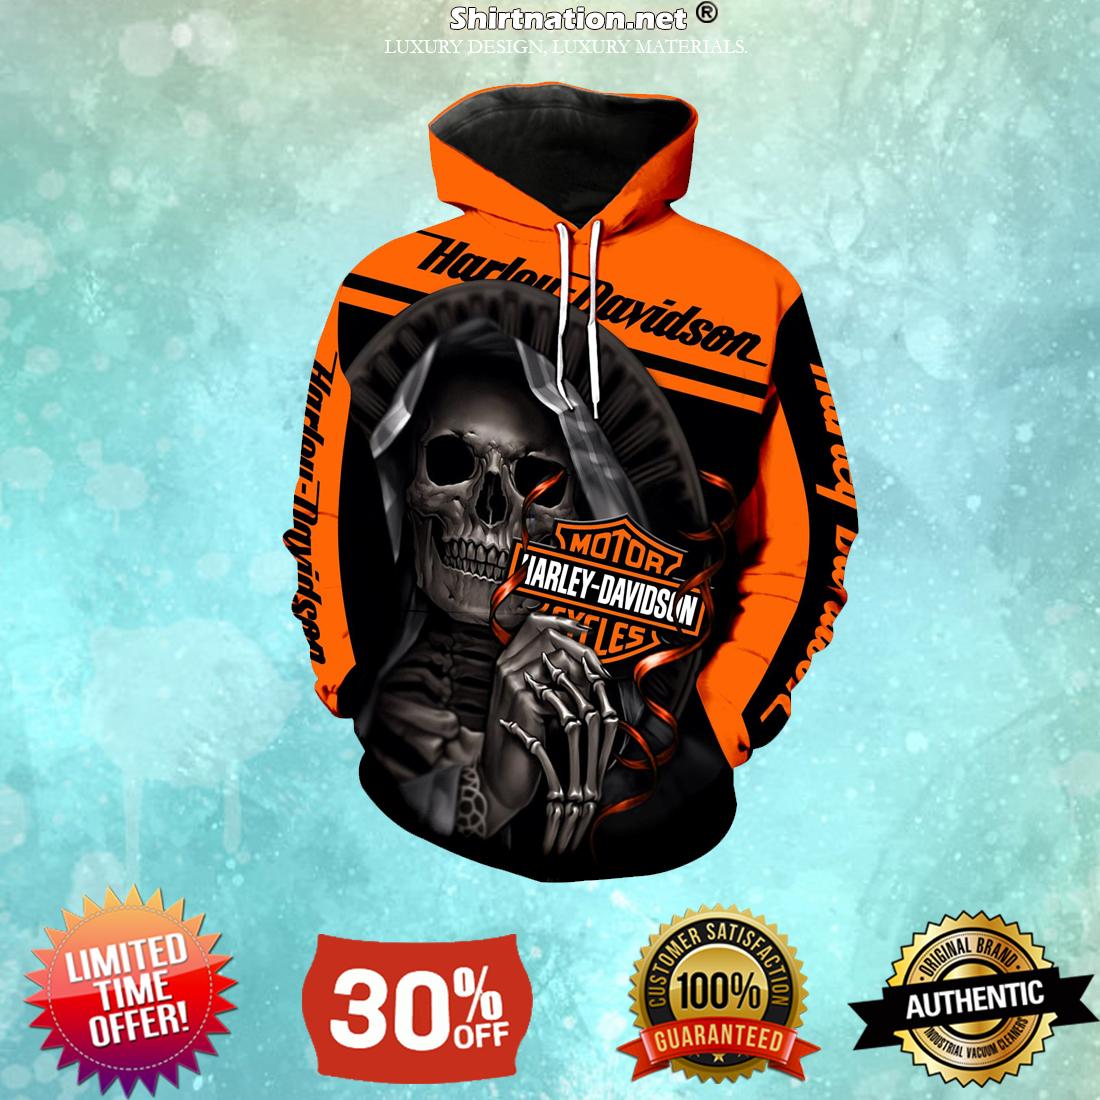 Harley Davidson motorcycle skull hoodies